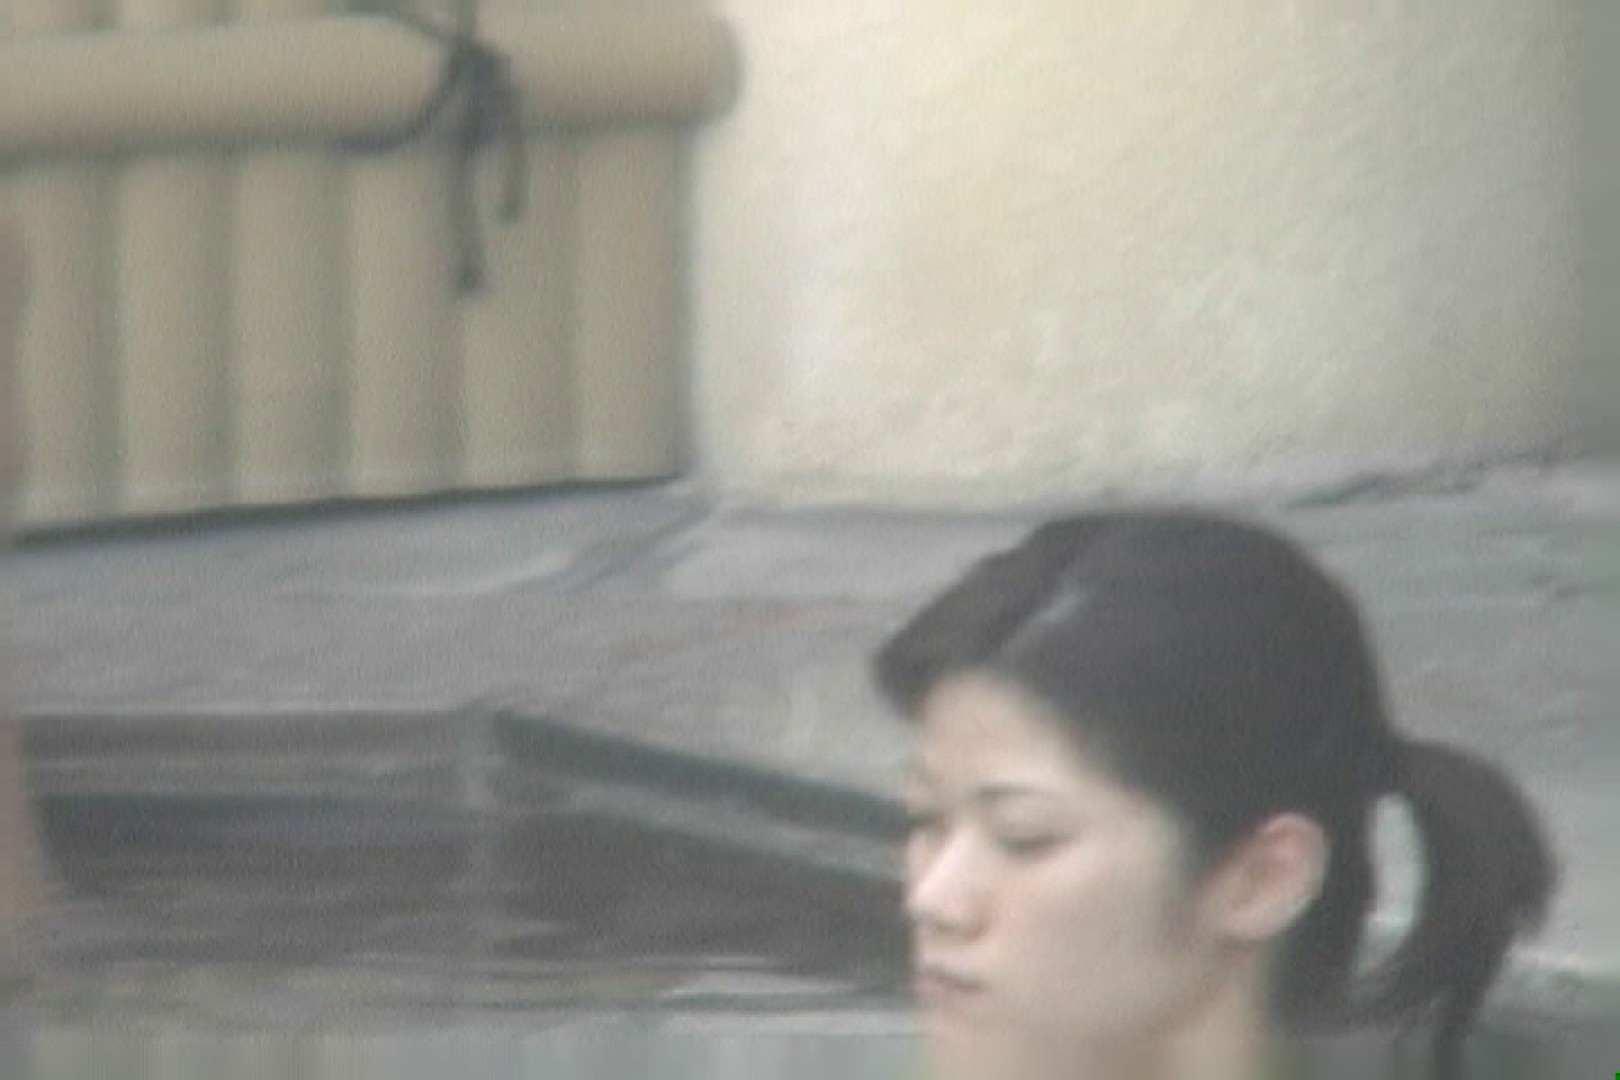 Aquaな露天風呂Vol.686 0   0  83pic 11